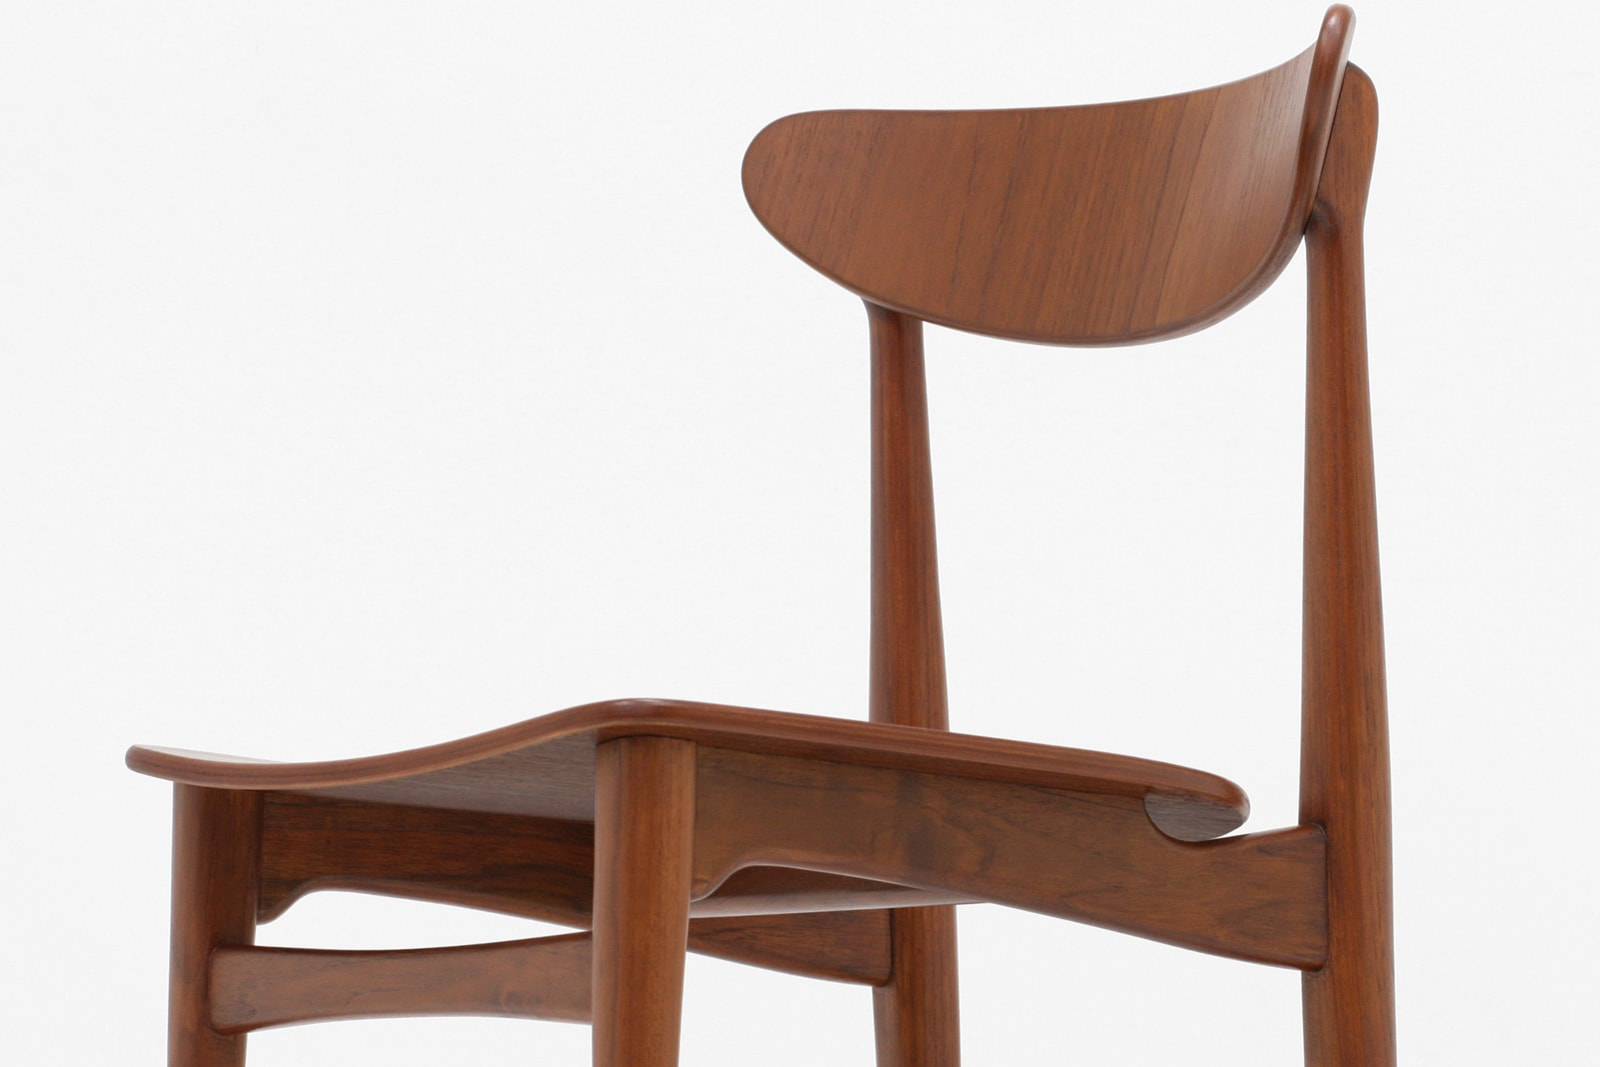 北欧,デザイン,家具,クロッケン,チーク材,ダイニングチェア,プライウッド